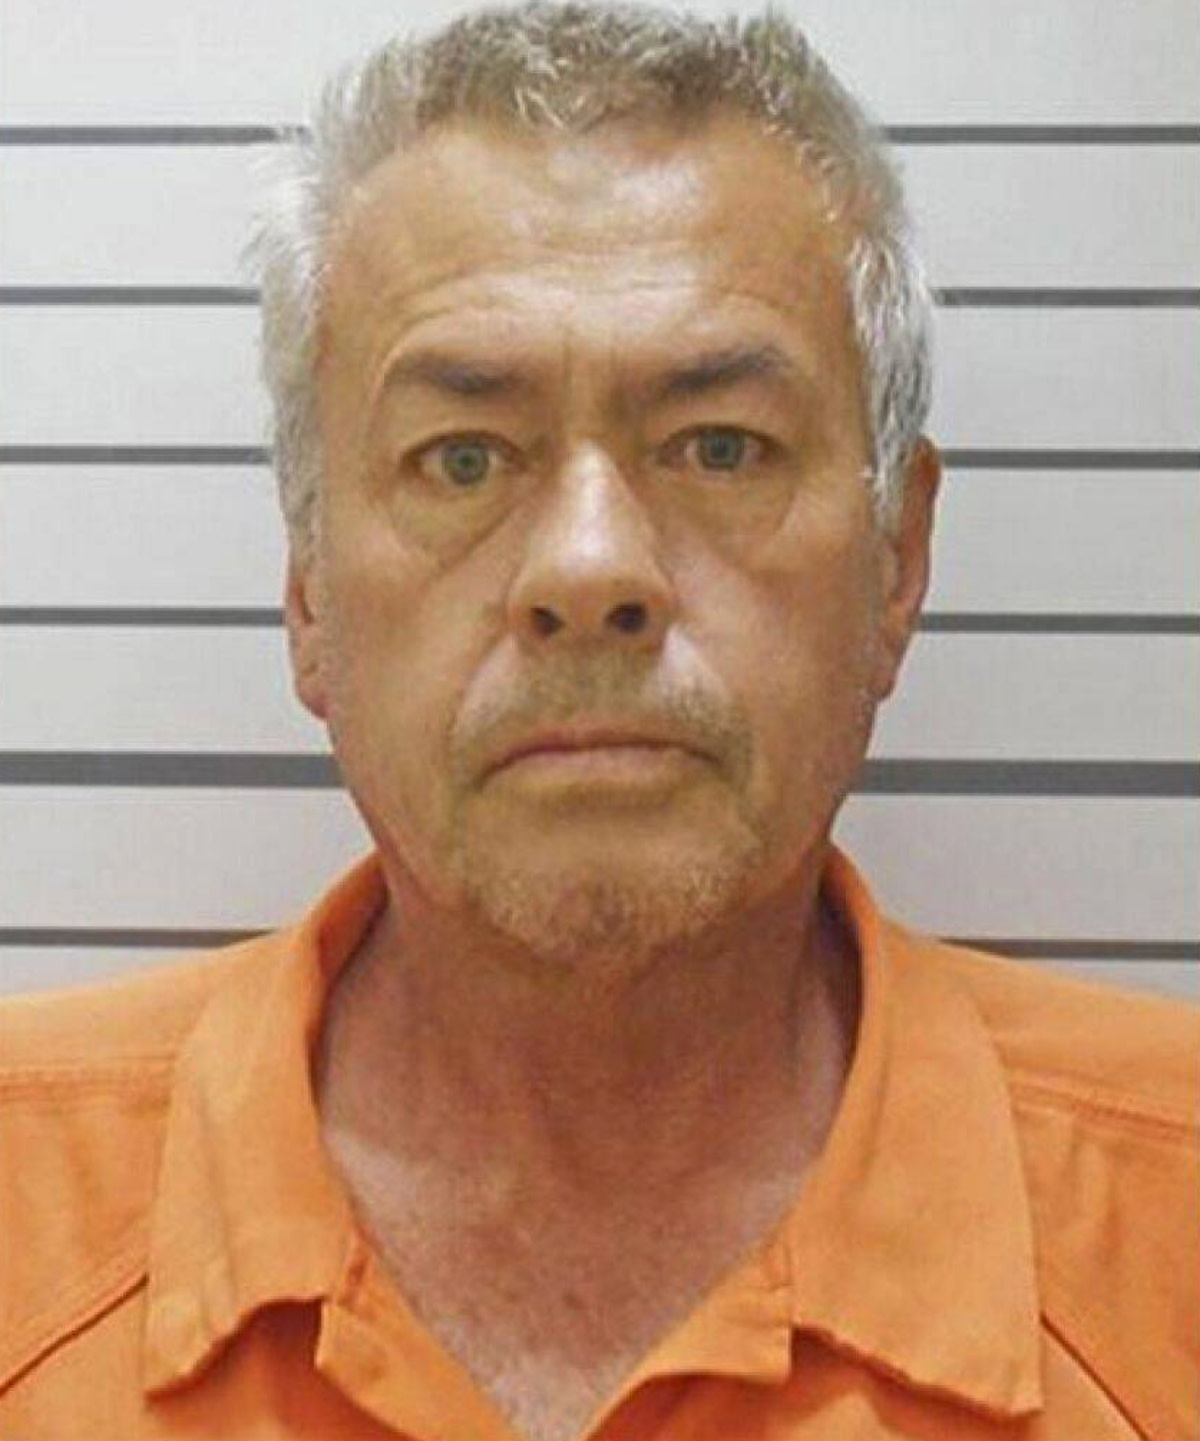 Secuestró a su hijastra y le hizo 9 hijos en cautiverio (FOTOS)